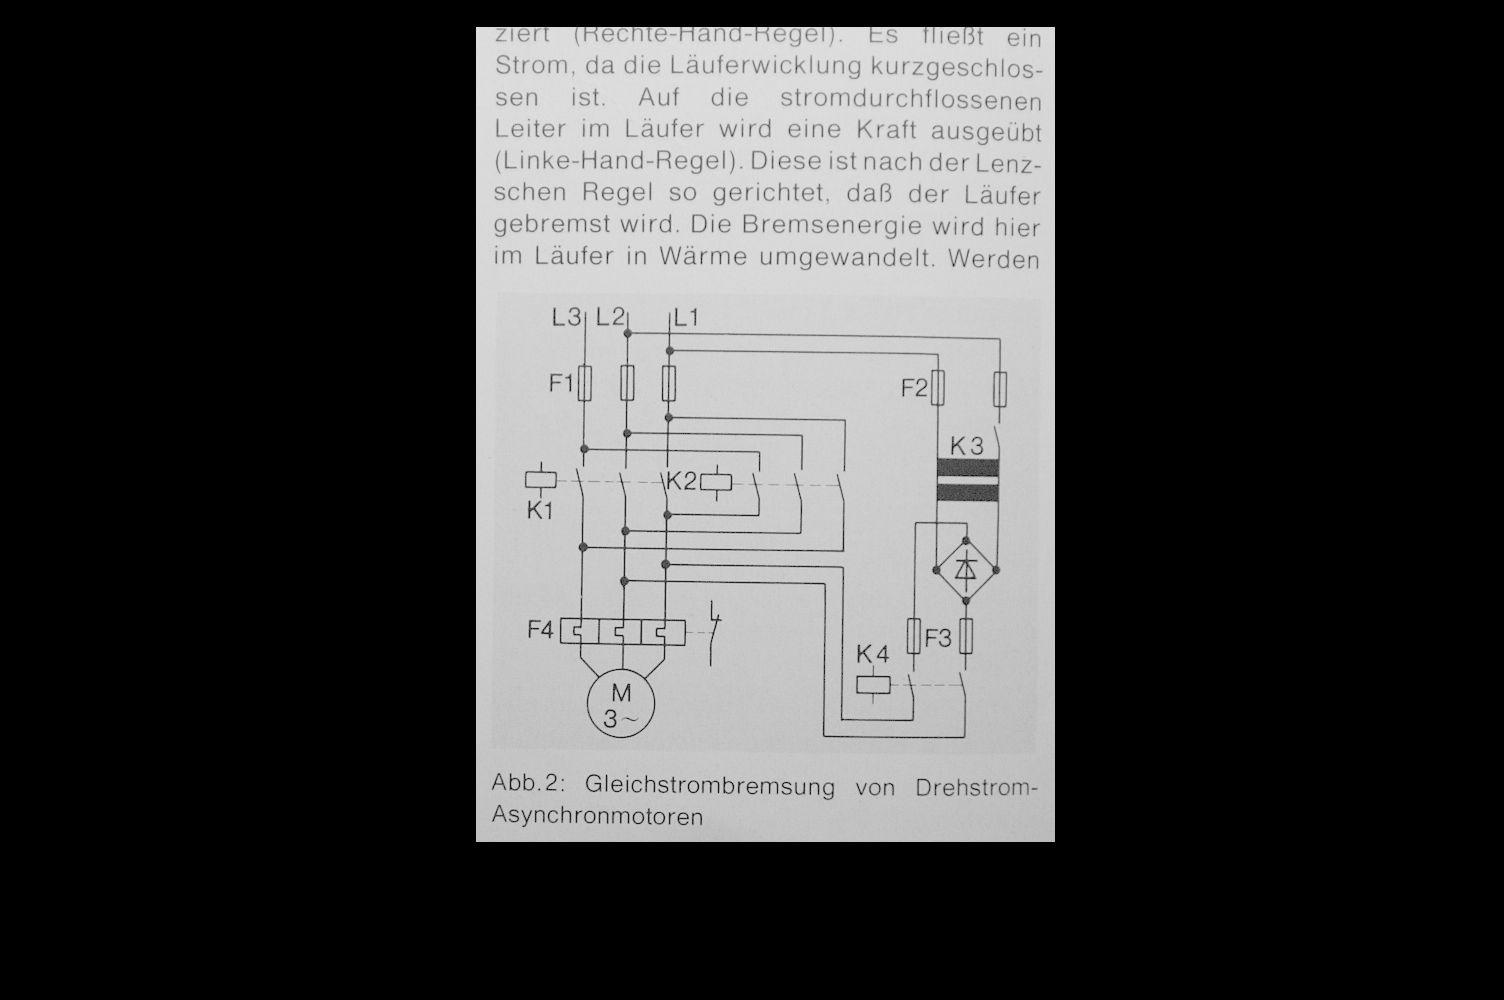 Berühmt 230v 3 Phasen Schaltplan Bilder - Die Besten Elektrischen ...